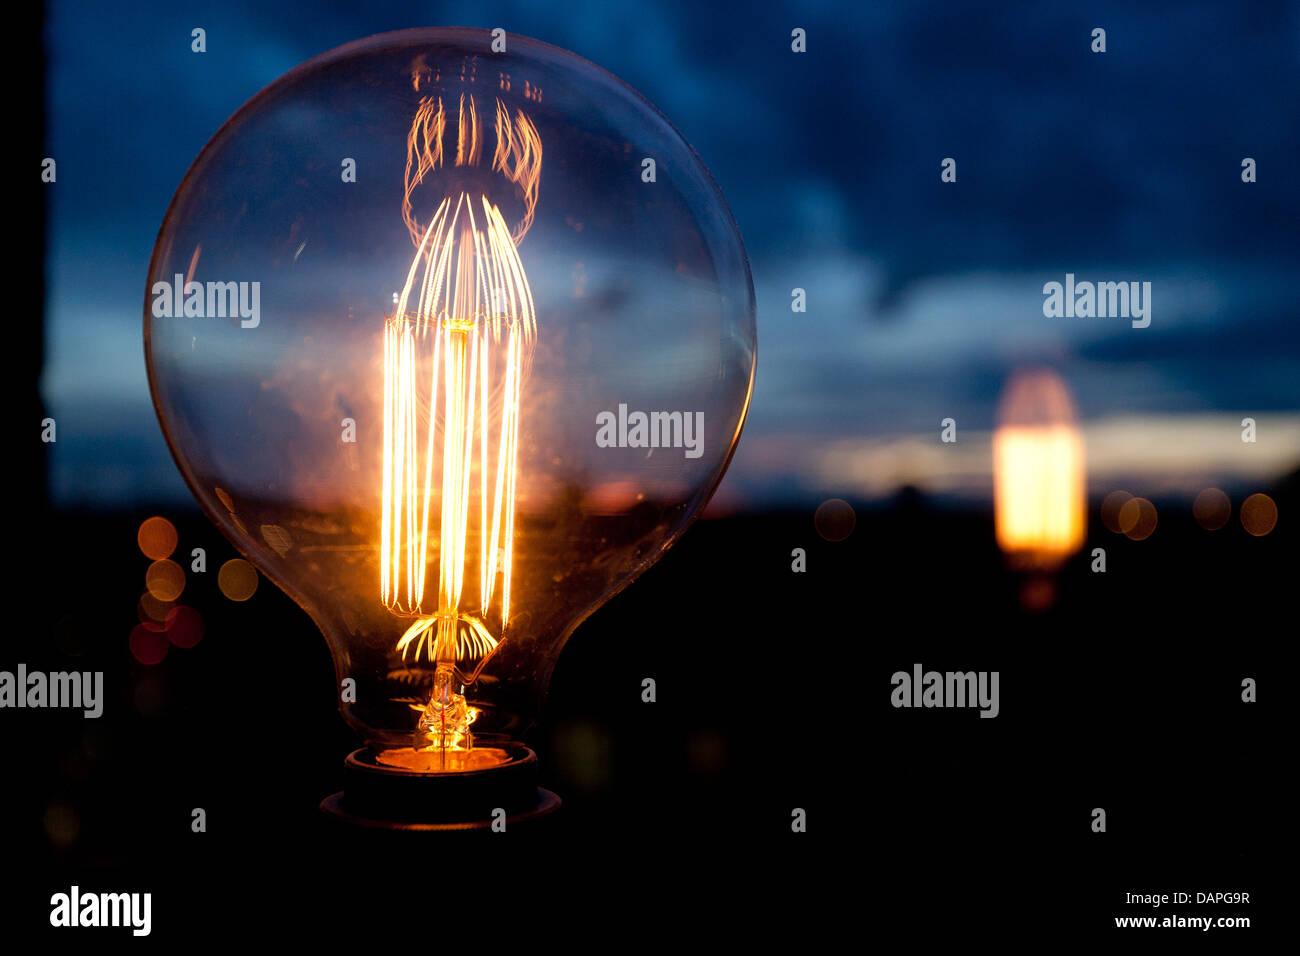 Chiusura del bulbo rotondo con filamenti di Nizza, il tramonto e i riflessi di luce sullo sfondo, paesaggio. Immagini Stock